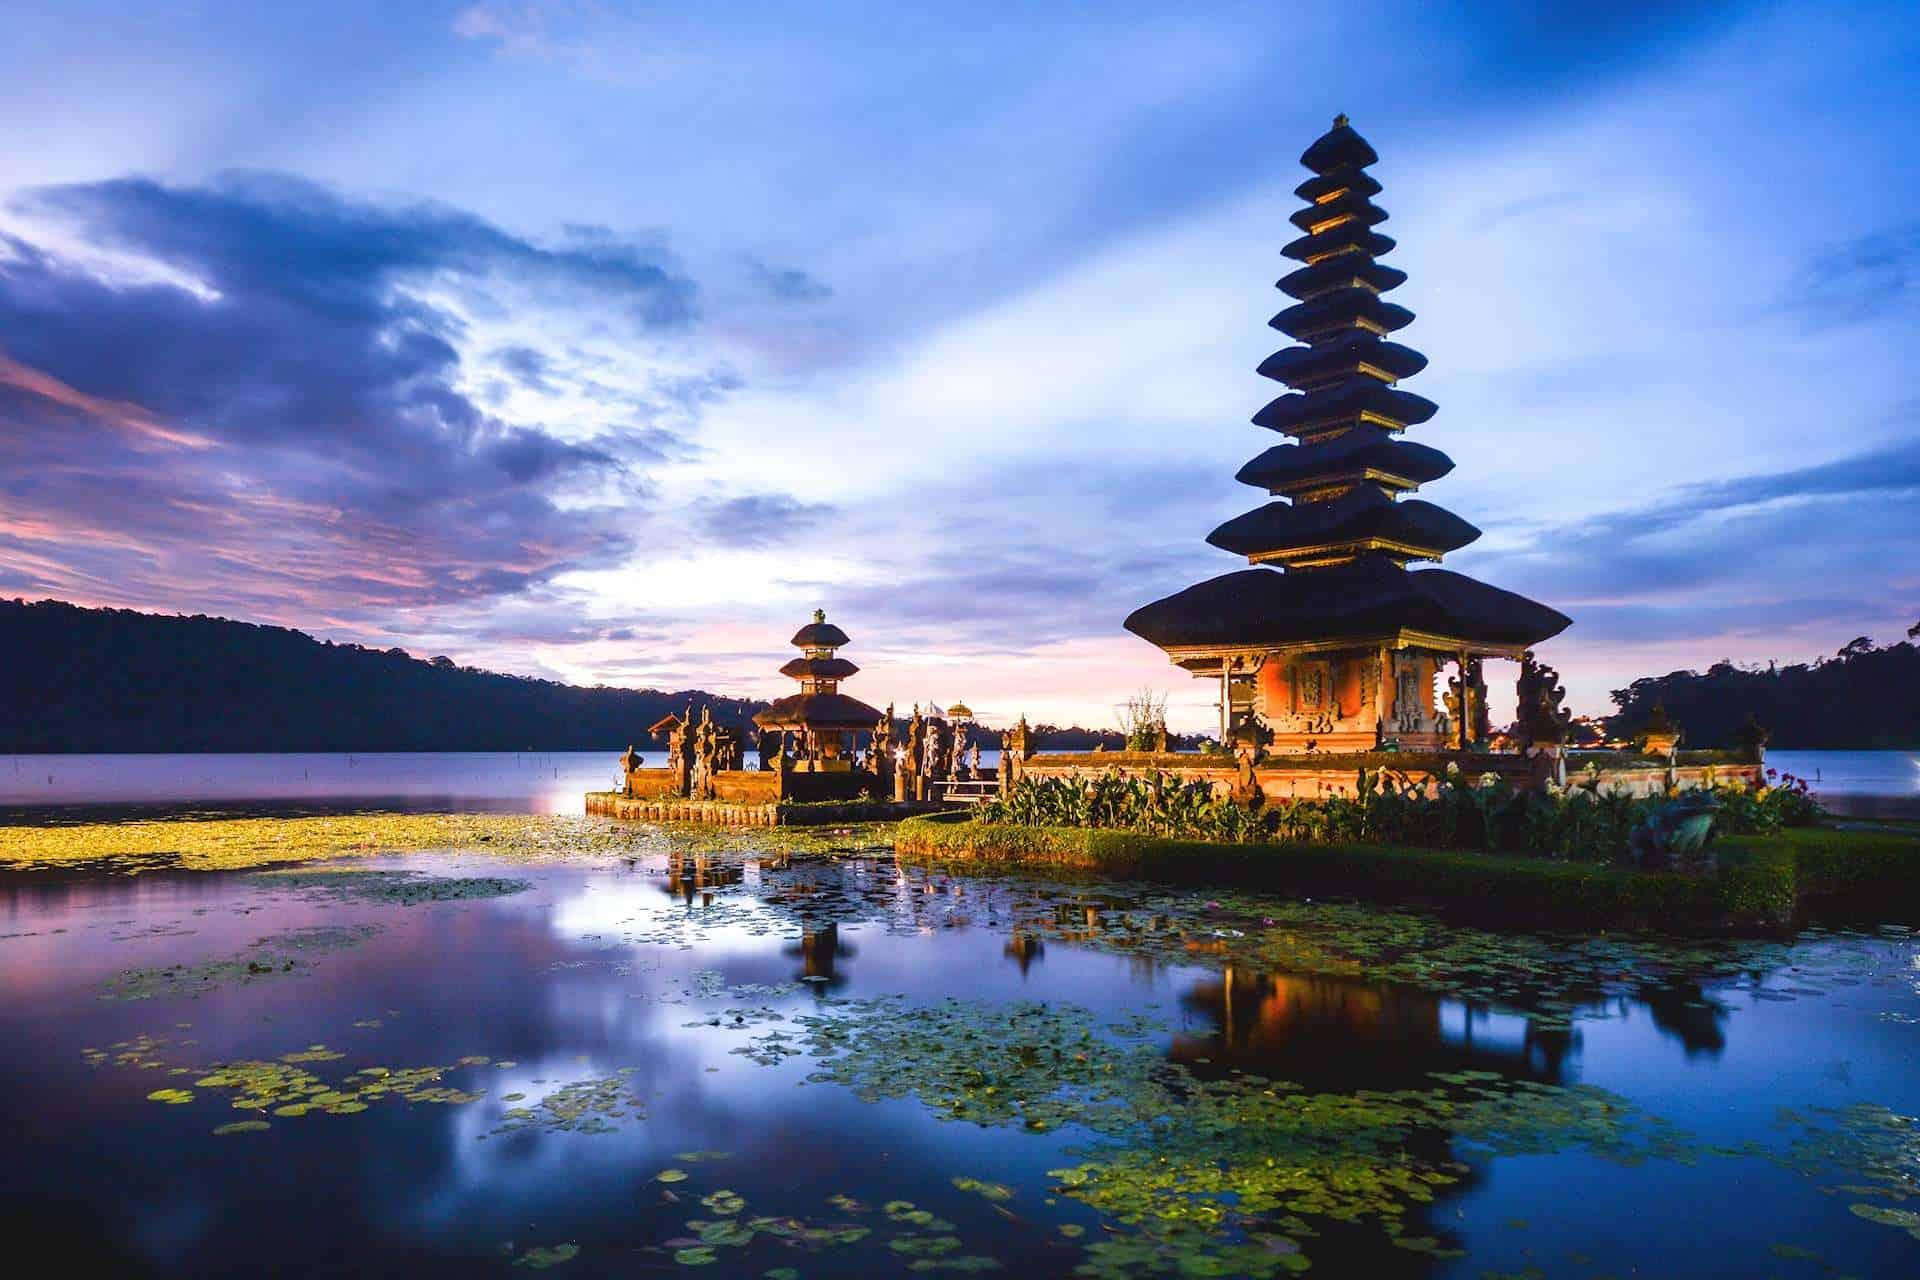 تقرير رحلتي الى اندونيسيا (جاكرتا – بالي – بونشاك)